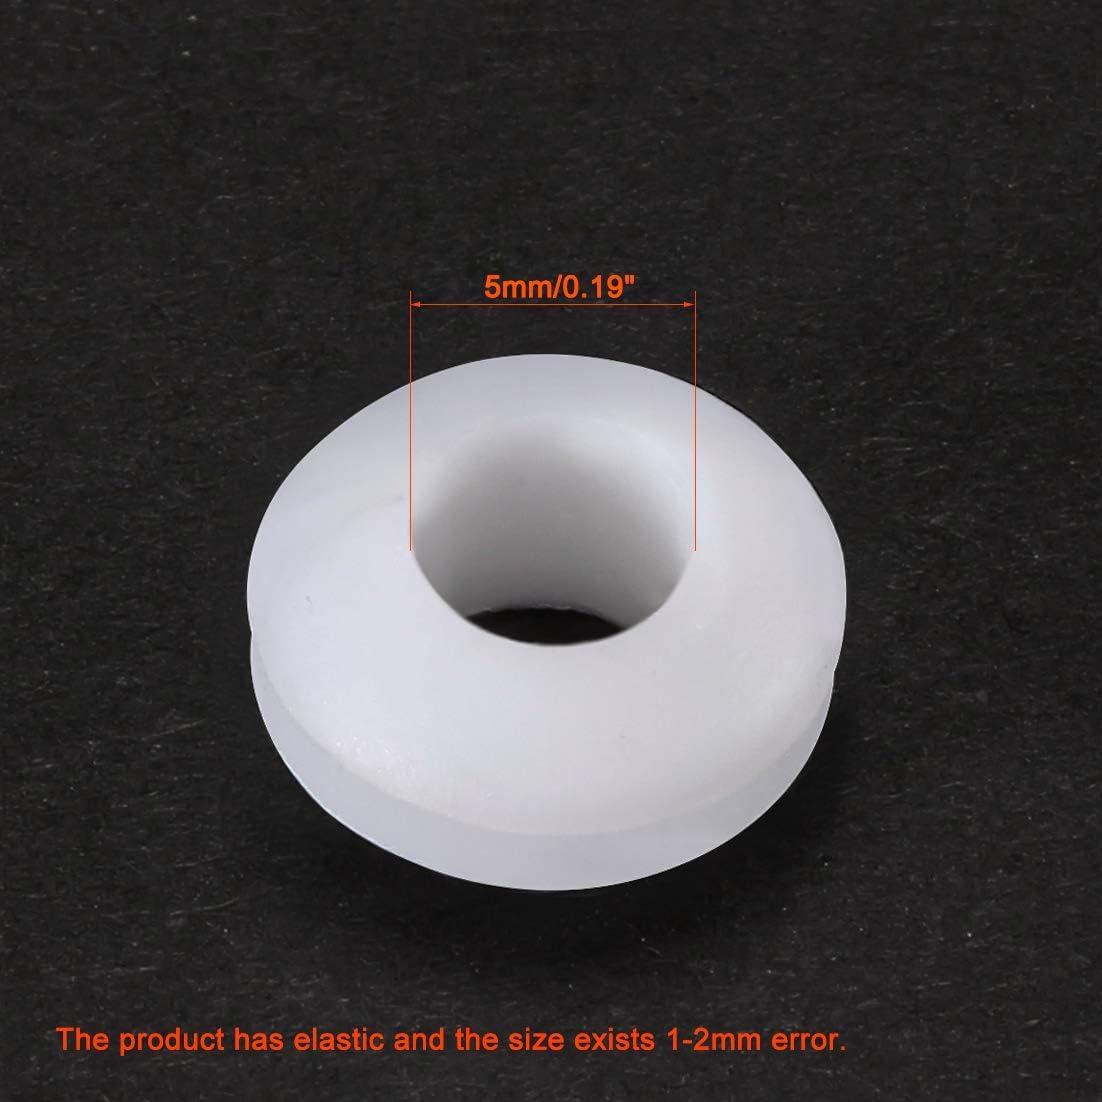 sourcing map Pasamuros Protector de cable de goma de fijaci/ón resistente al aceite de 5 mm de di/ámetro 50pcs blanco